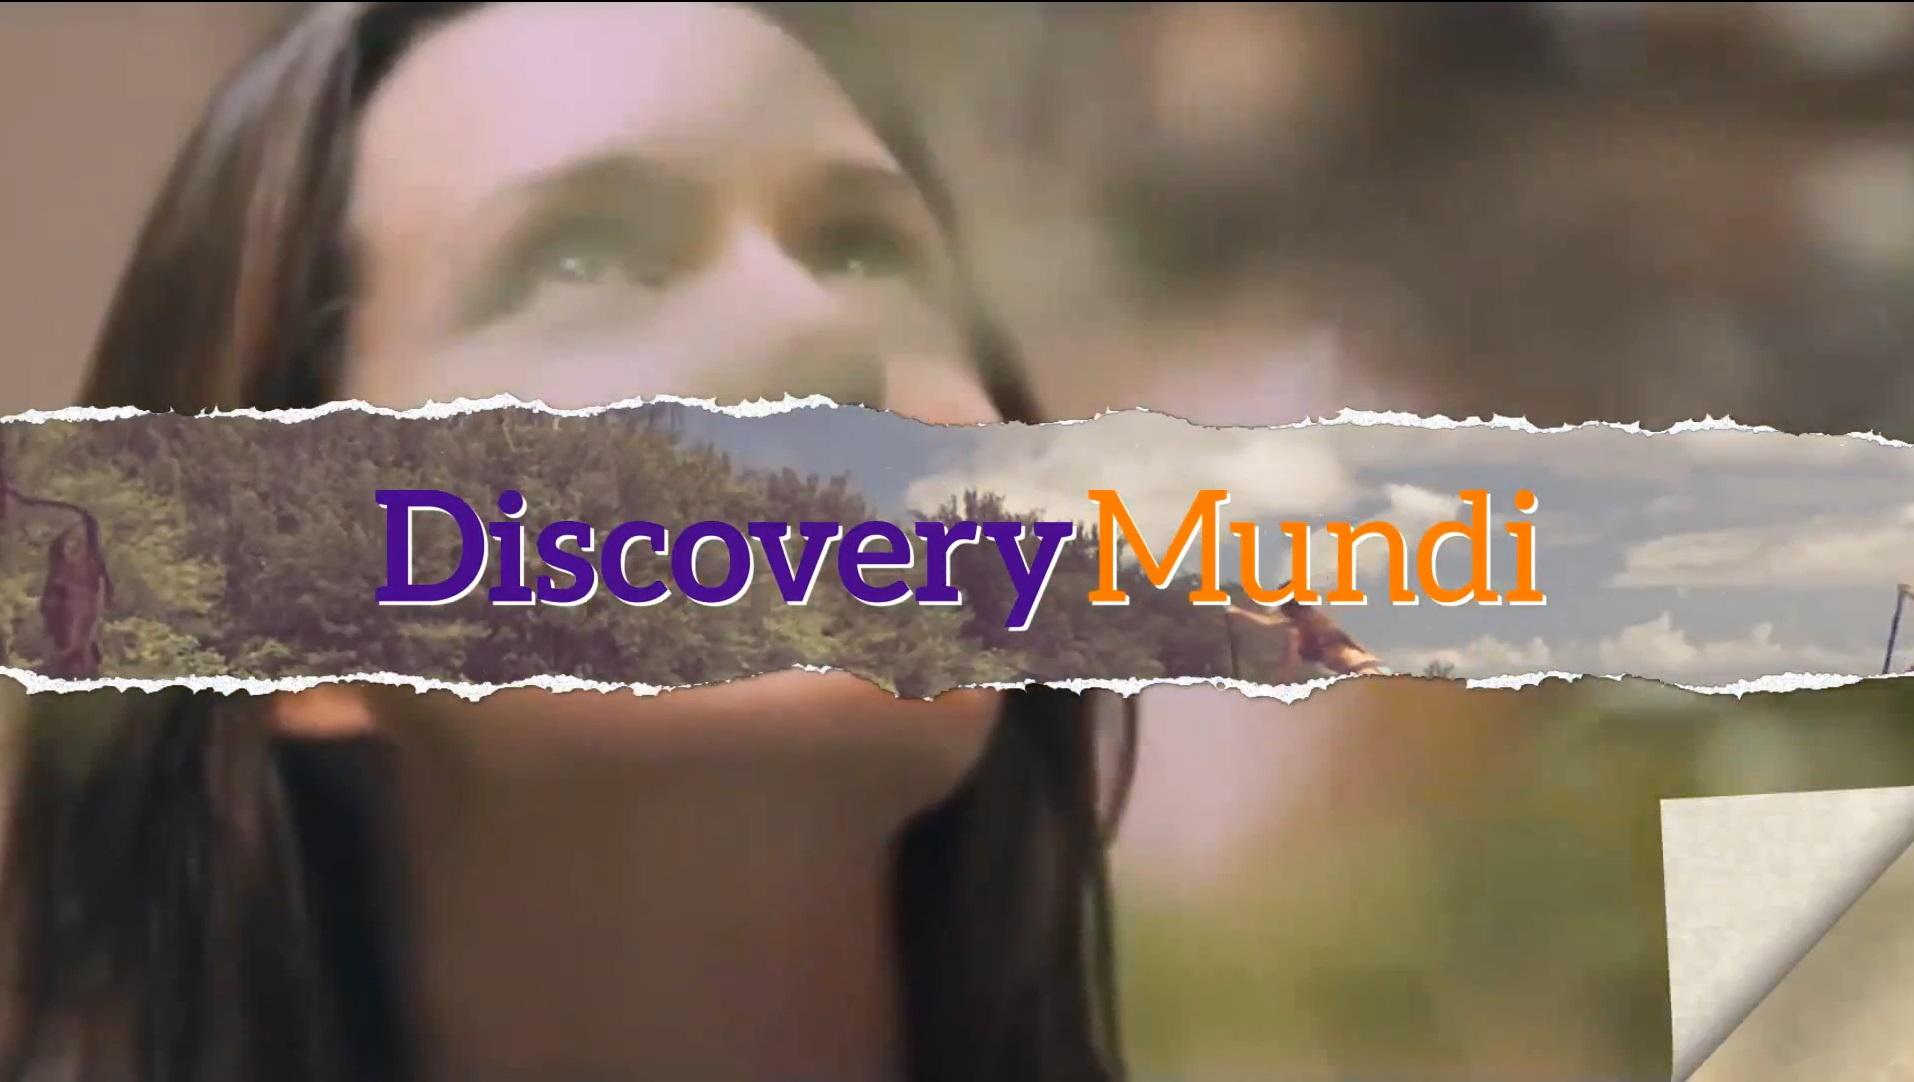 Промо ролик для туристической компании (португальский язык)